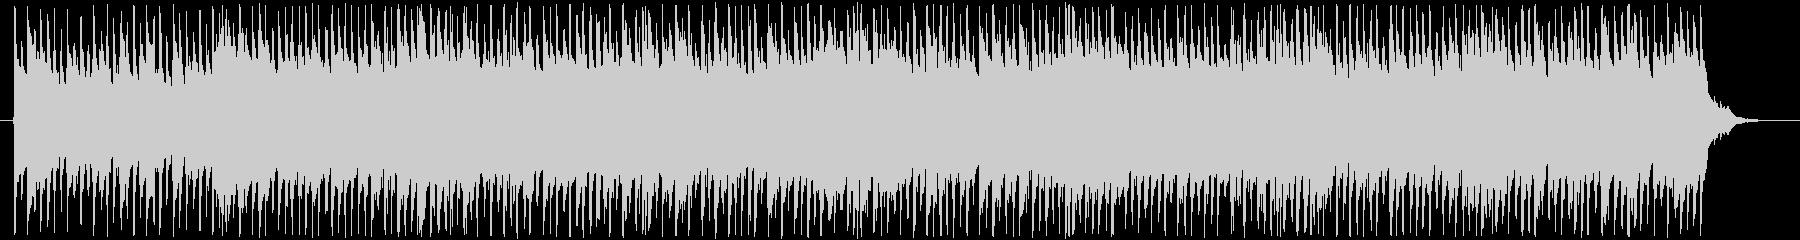 メロディレスの爽やかなアコギロックの未再生の波形